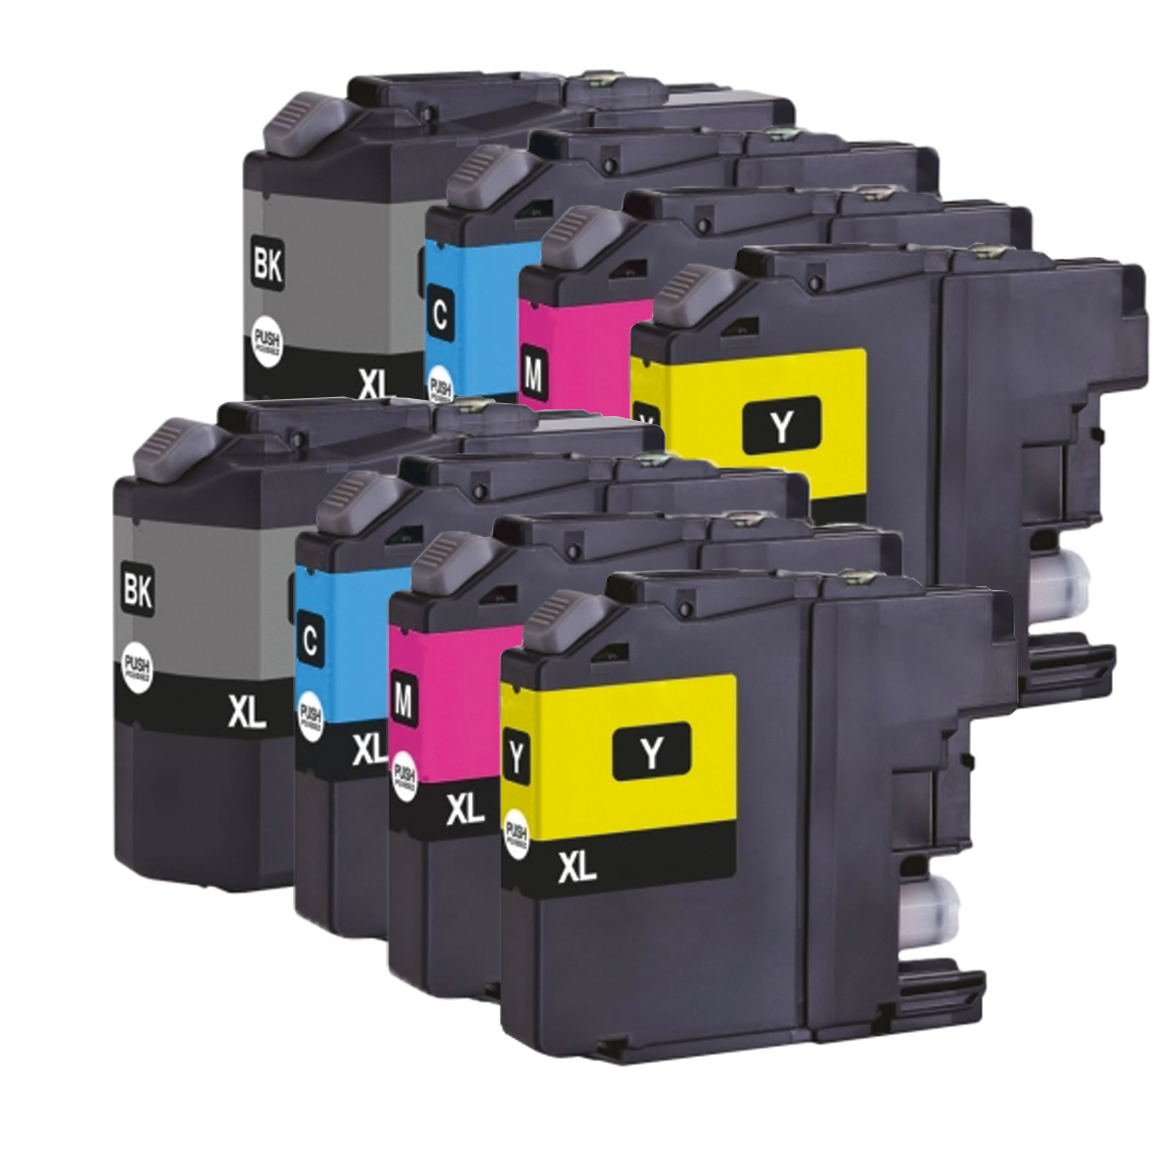 Afbeelding van 2x Brother LC 223 XL Multipack (huismerk inktcartridges)